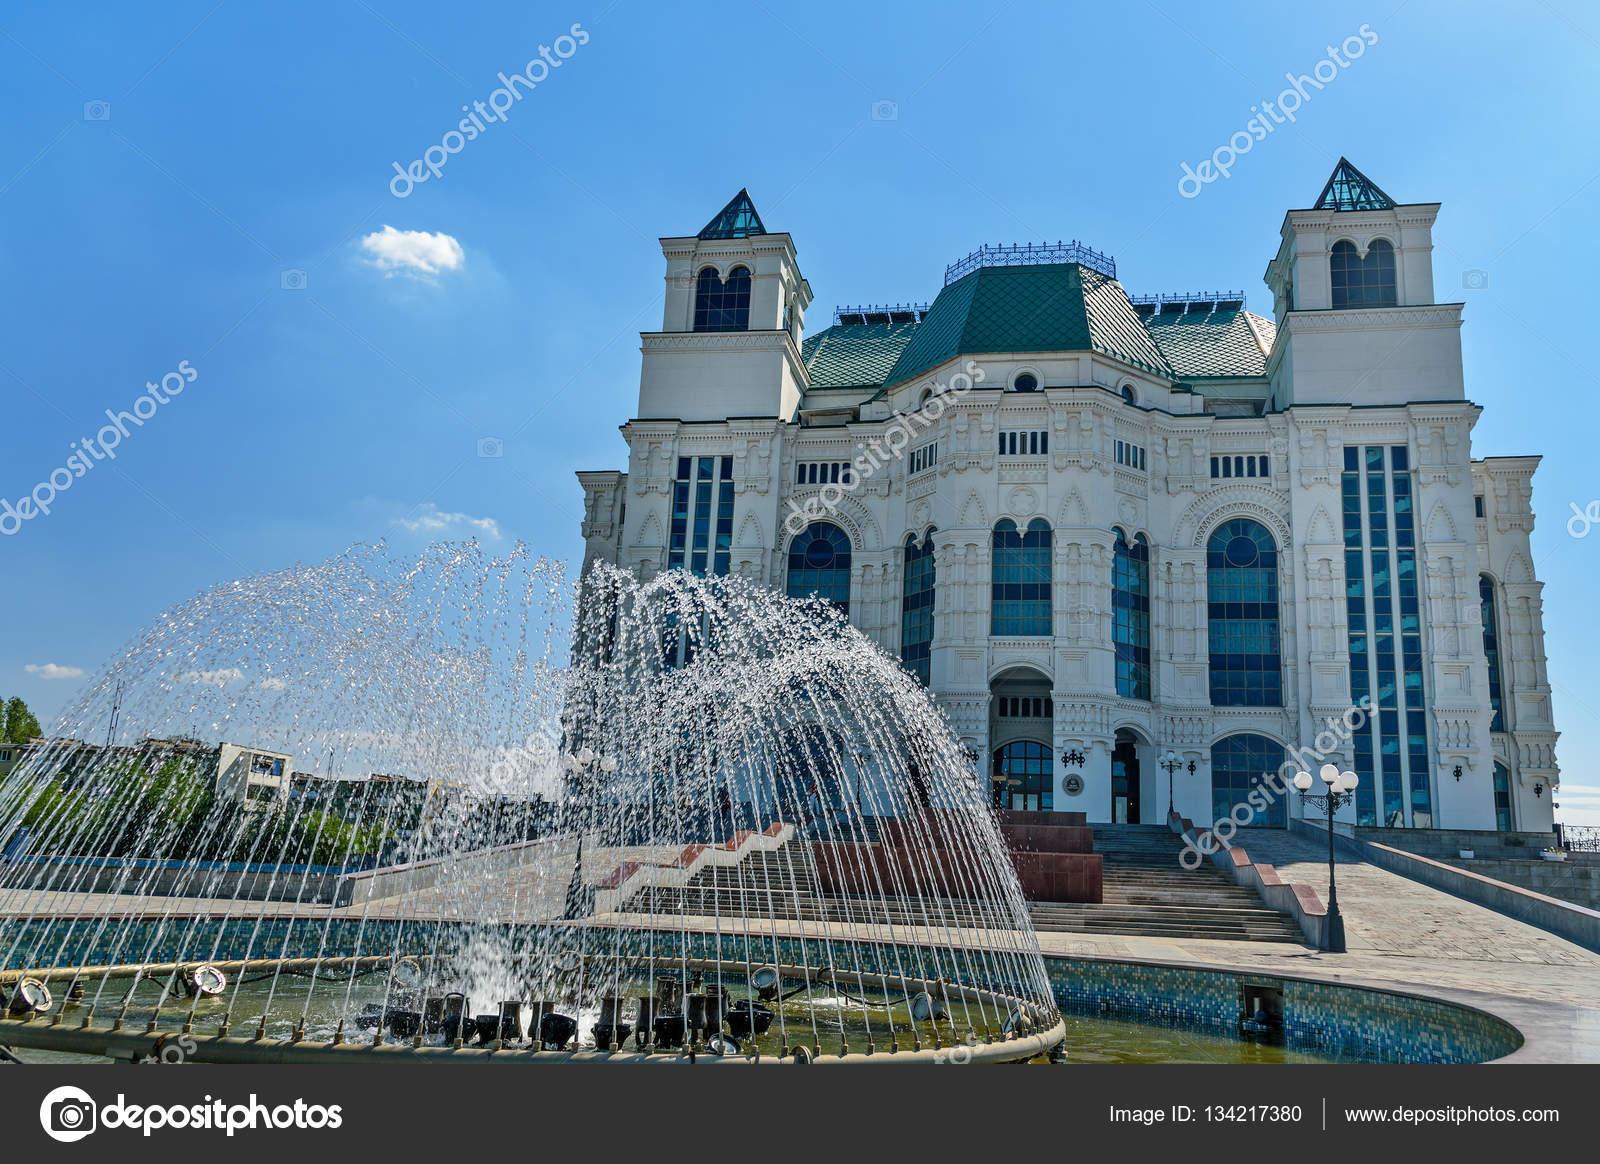 Цены на билеты театр оперы и балета астрахань официальный сайт цены кино бронирование и заказ билетов мурманск